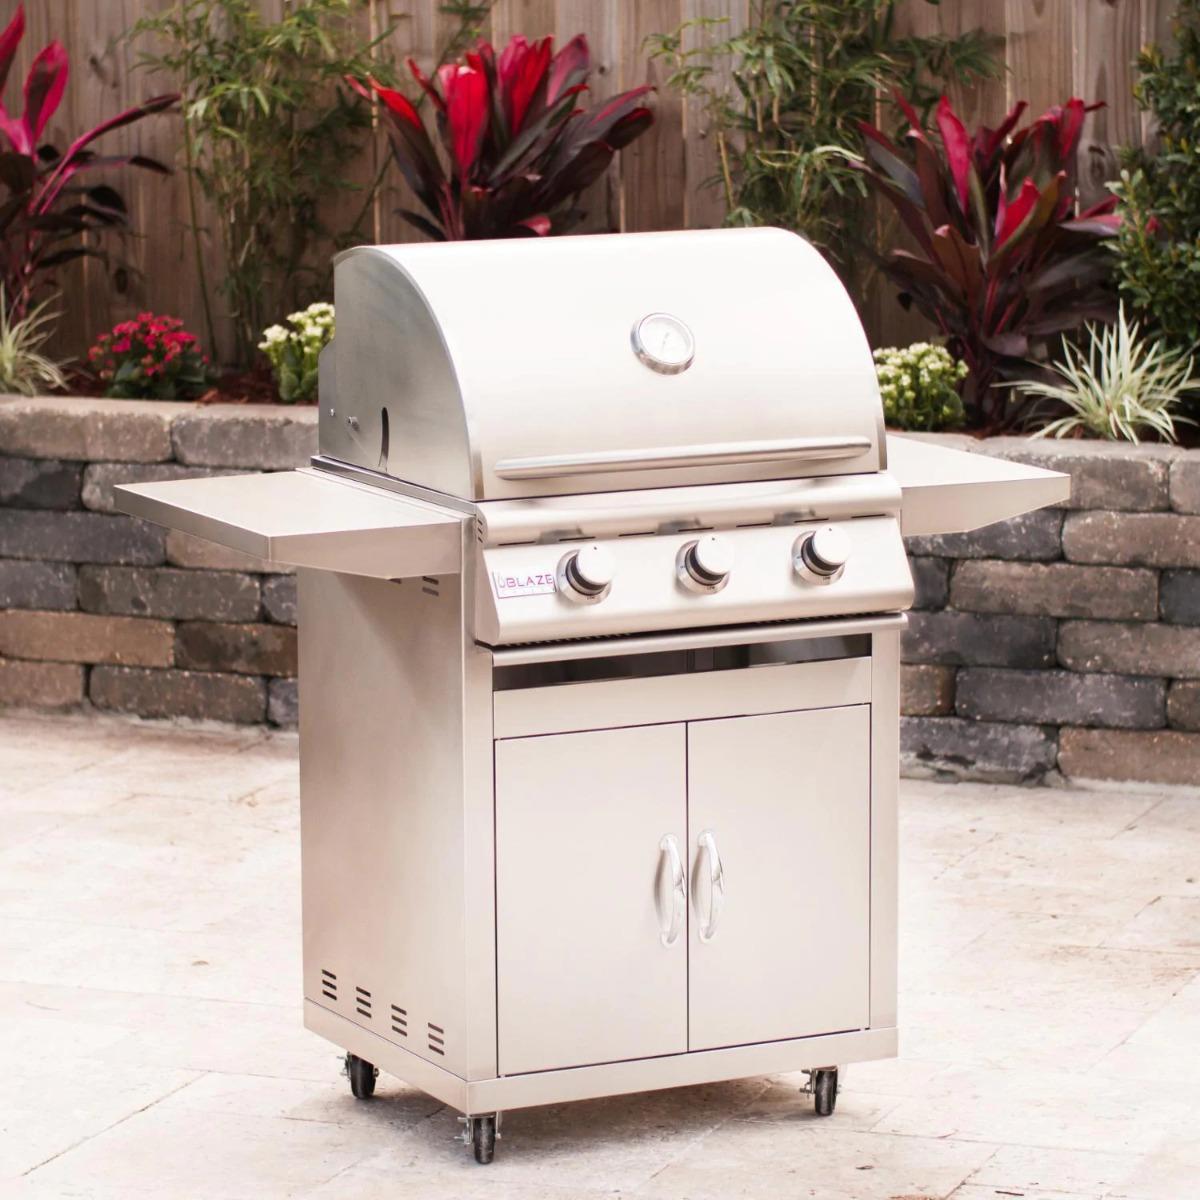 """3 Burner LBM Freestanding Natural Gas Blaze Grill (25"""")"""